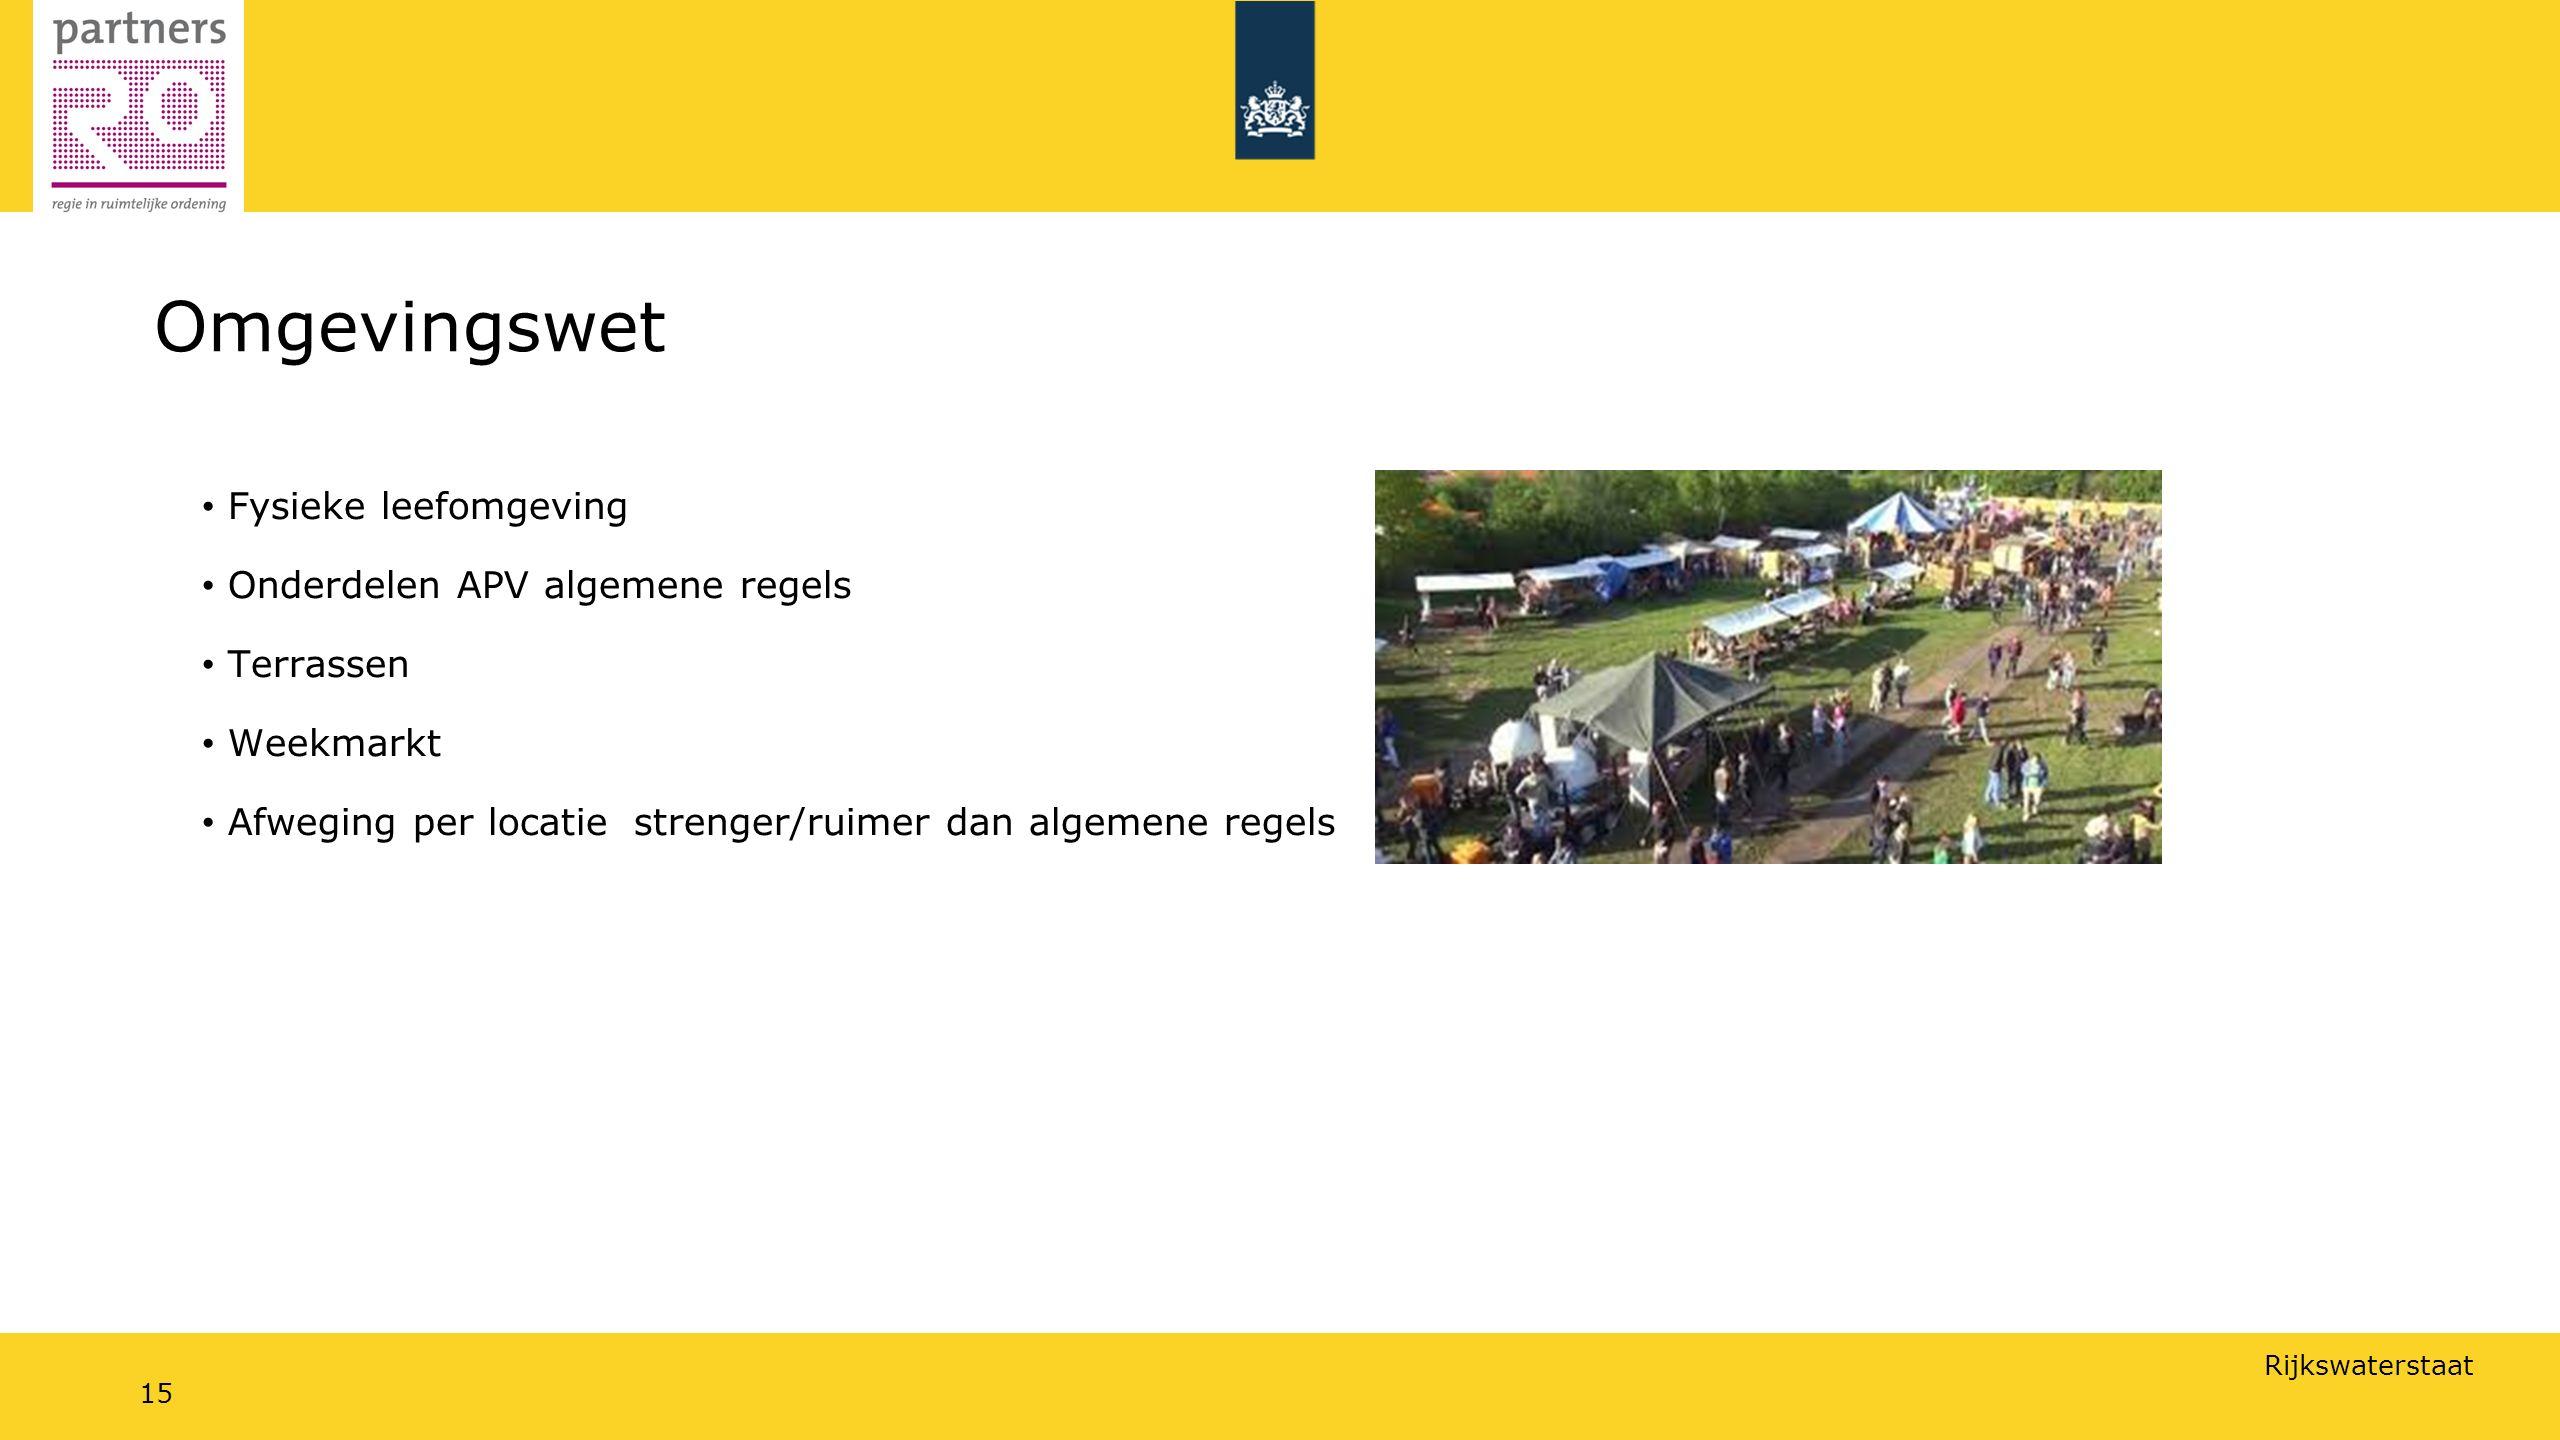 Rijkswaterstaat 15 Omgevingswet Fysieke leefomgeving Onderdelen APV algemene regels Terrassen Weekmarkt Afweging per locatiestrenger/ruimer dan algemene regels